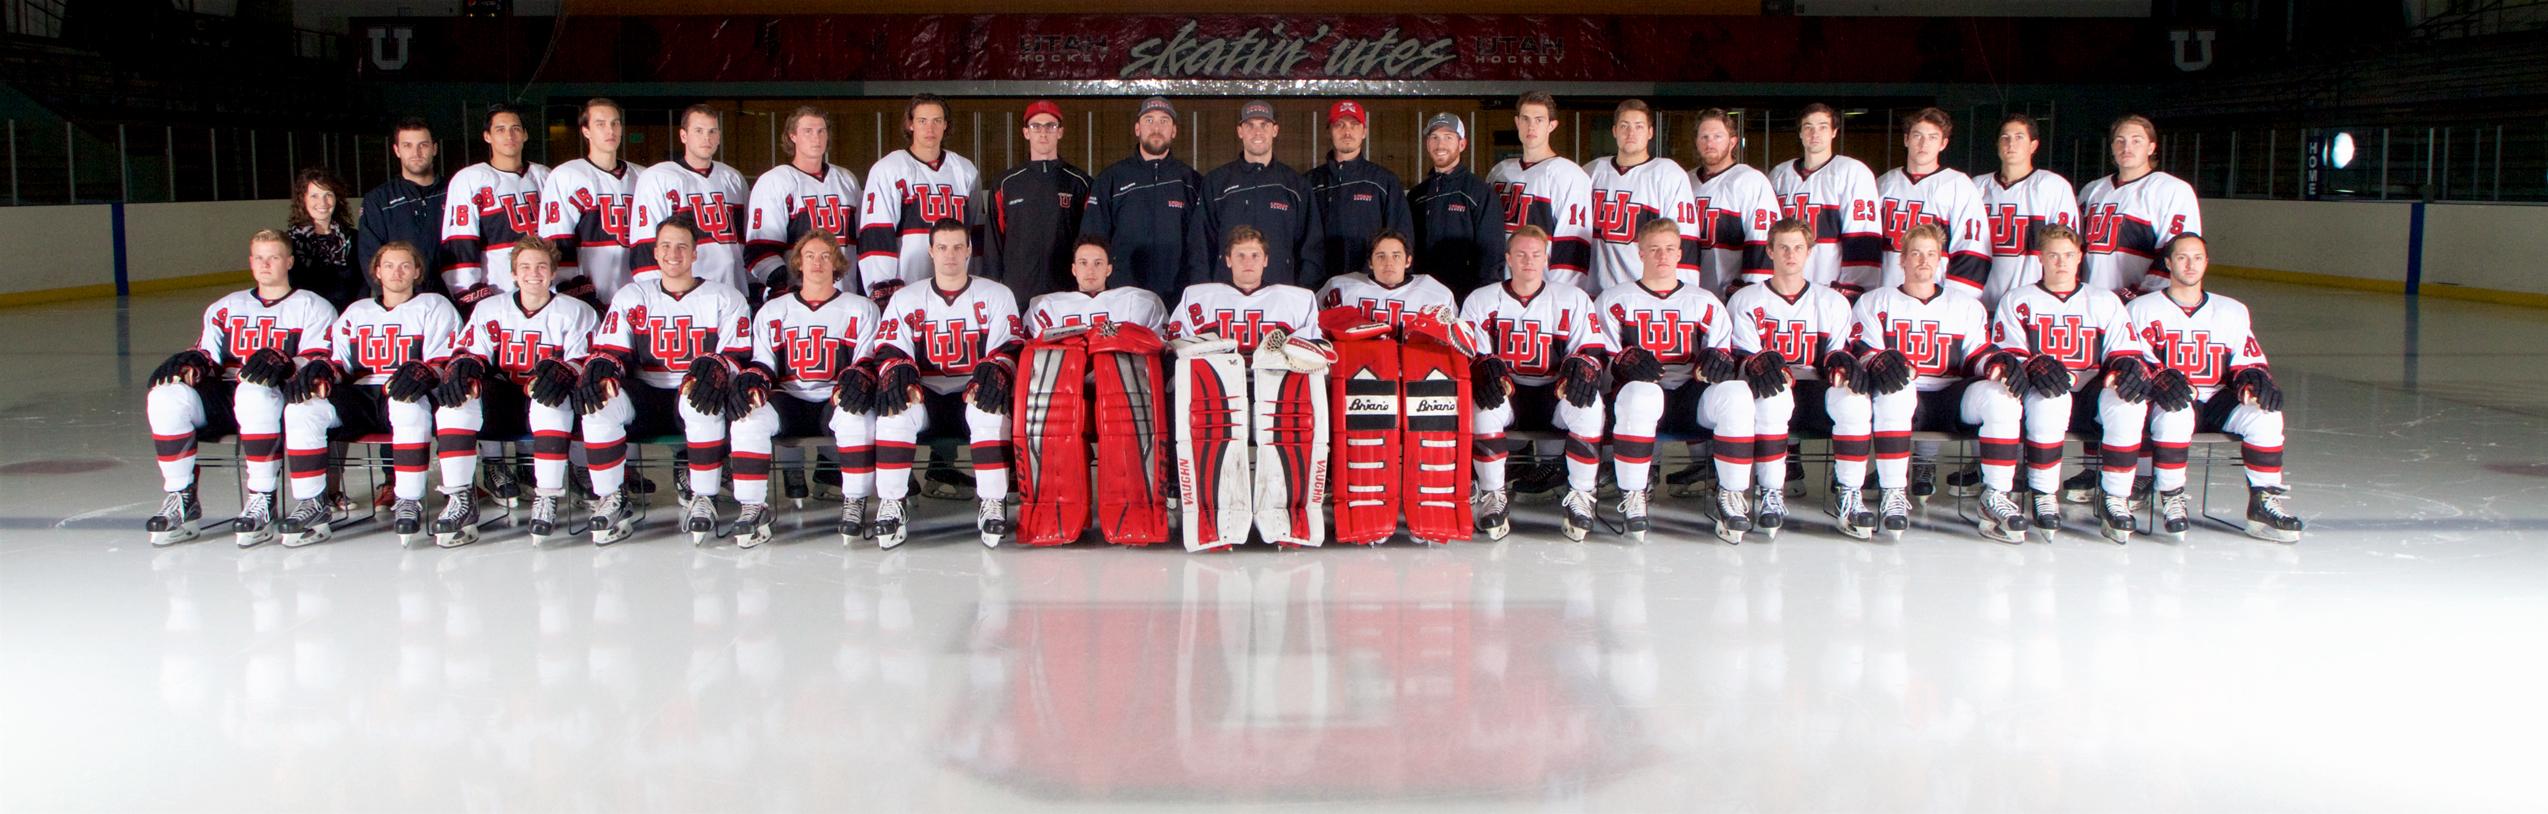 2016-17 University of Utah Hockey